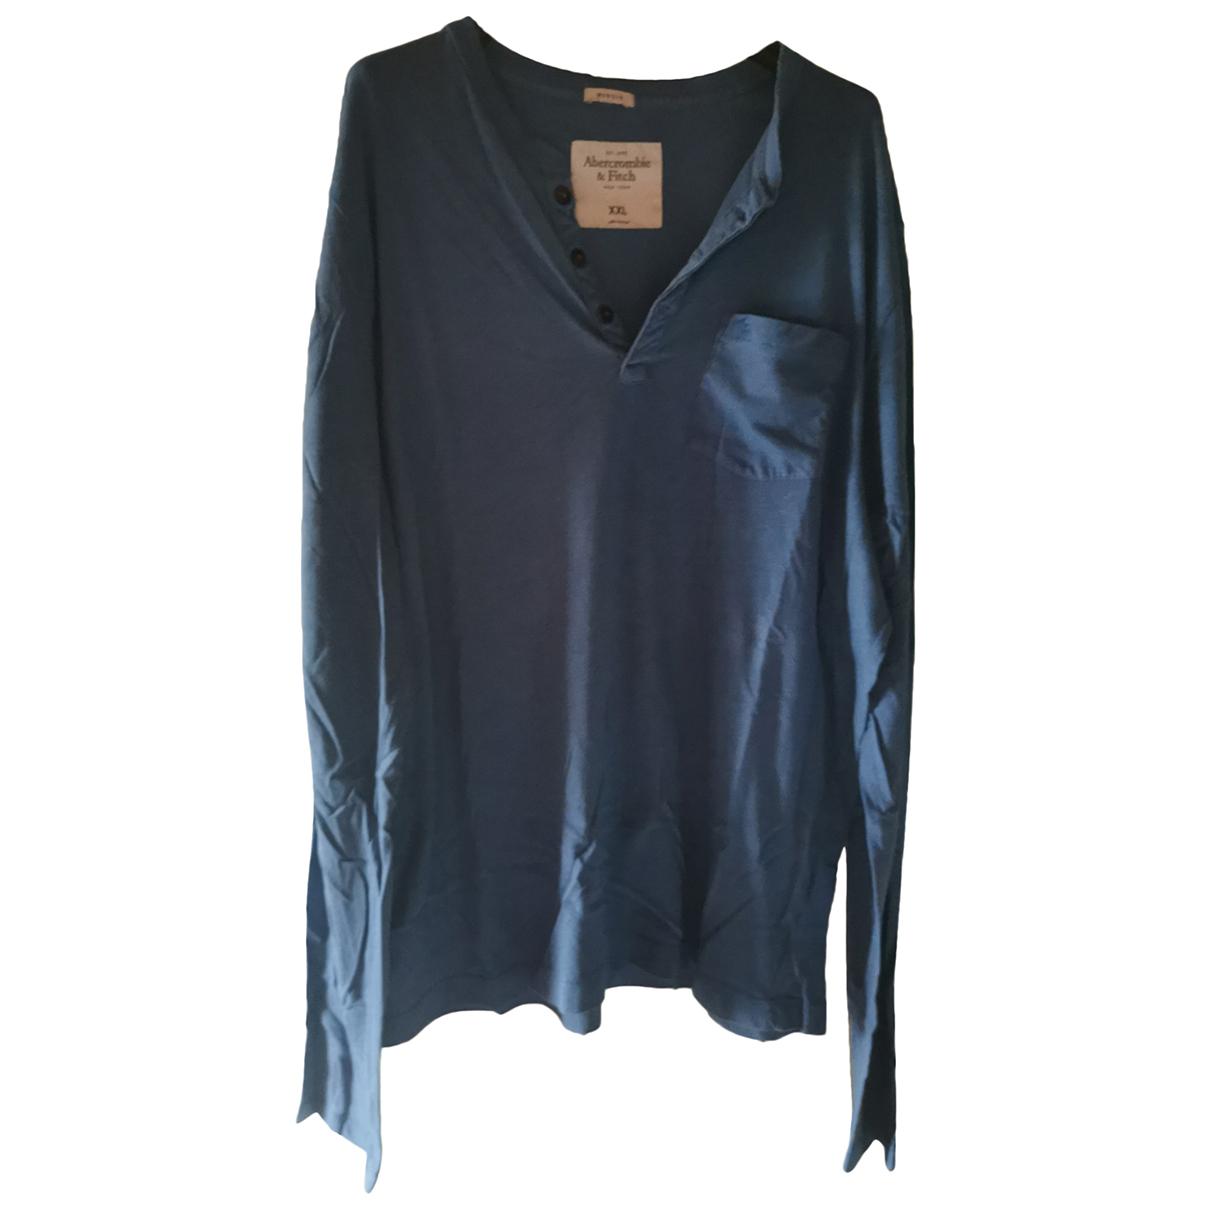 Abercrombie & Fitch - Tee shirts   pour homme en coton